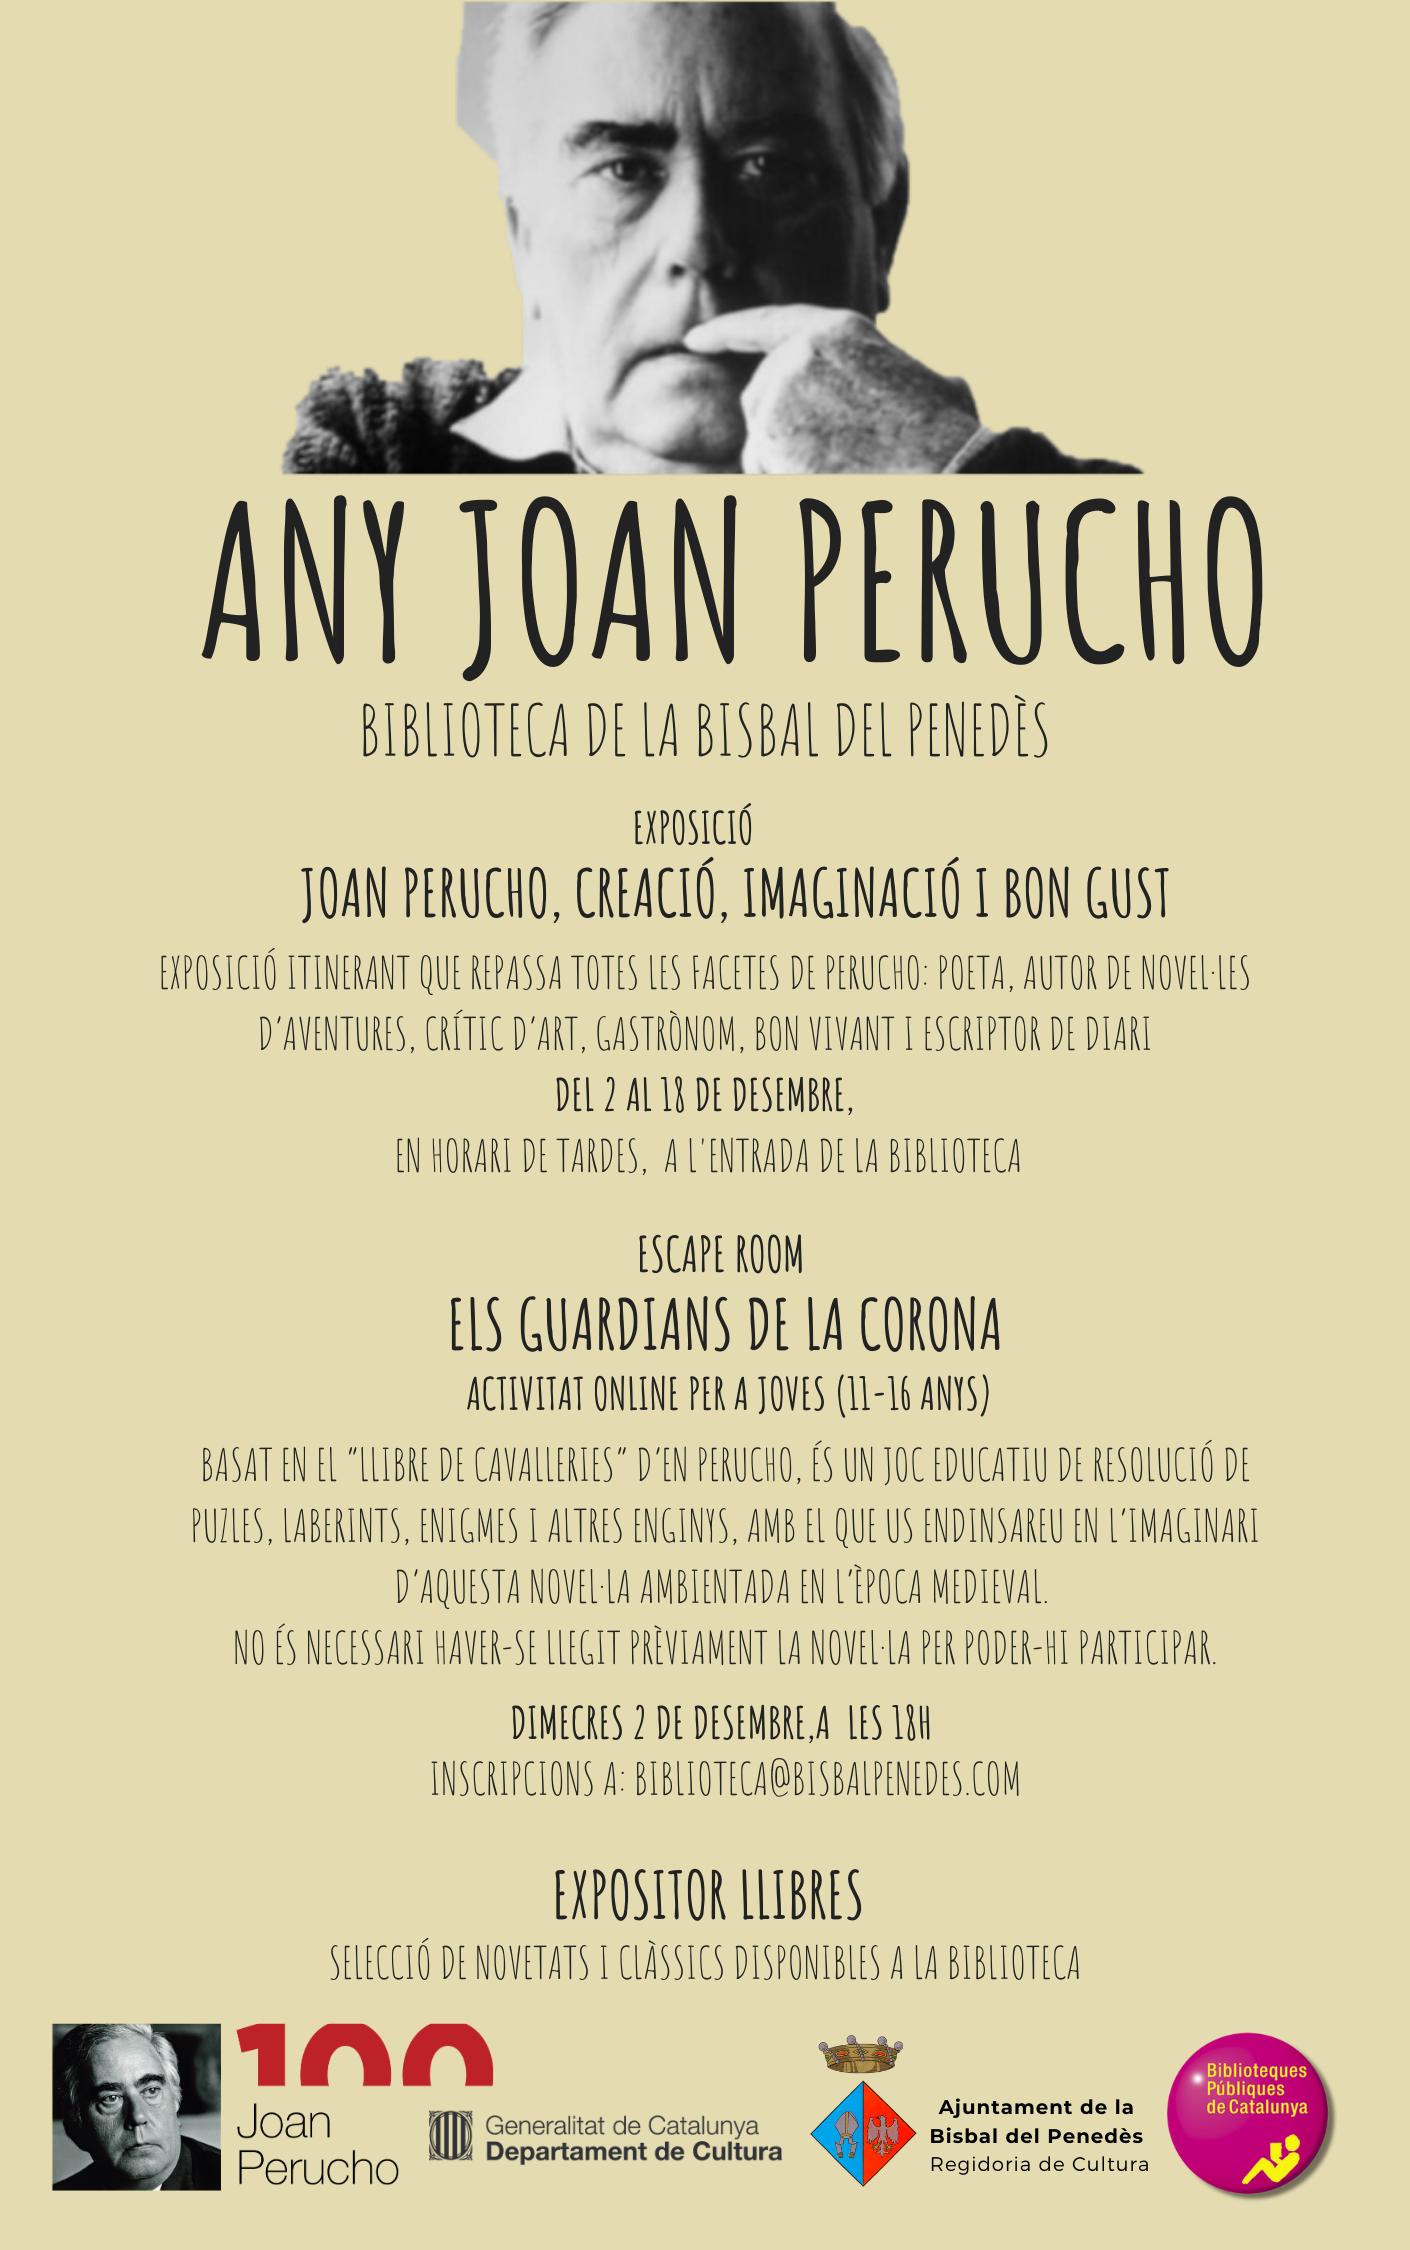 La Biblioteca pública ha organitzat diverses activitats en el marc de l'Any Joan Perucho